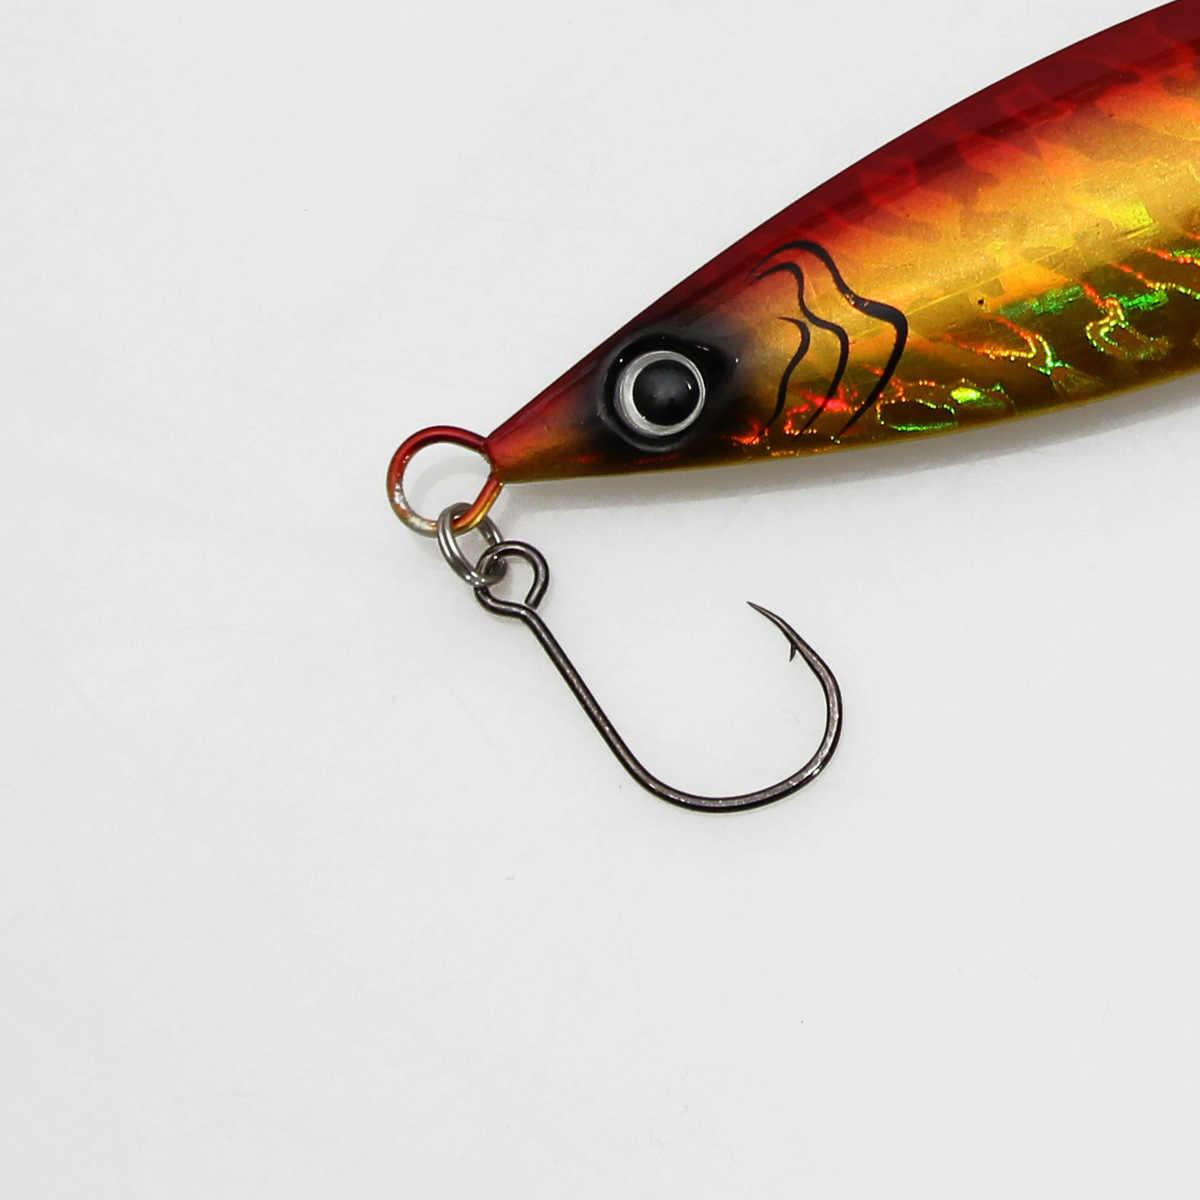 2/0 1/0 1 2 3 4 גדול עין אחת וו Inline קרסים 12 יח'\אריזה עבור פיתיון חי ו Hardbait אחת דיג ווים